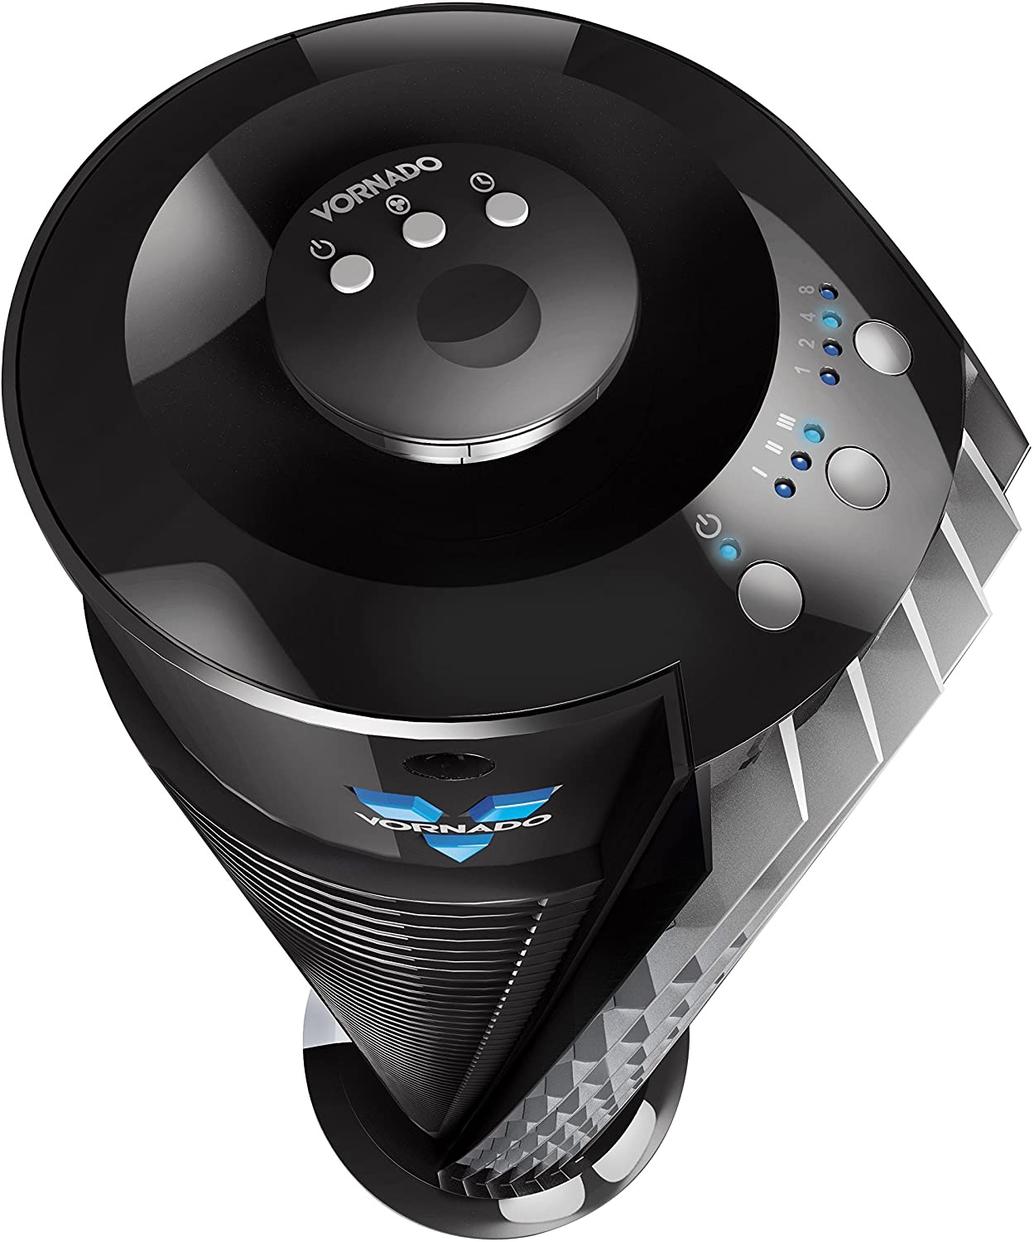 VORNADO(ボルネード) タワー・サーキュレーター  143-JPの商品画像2